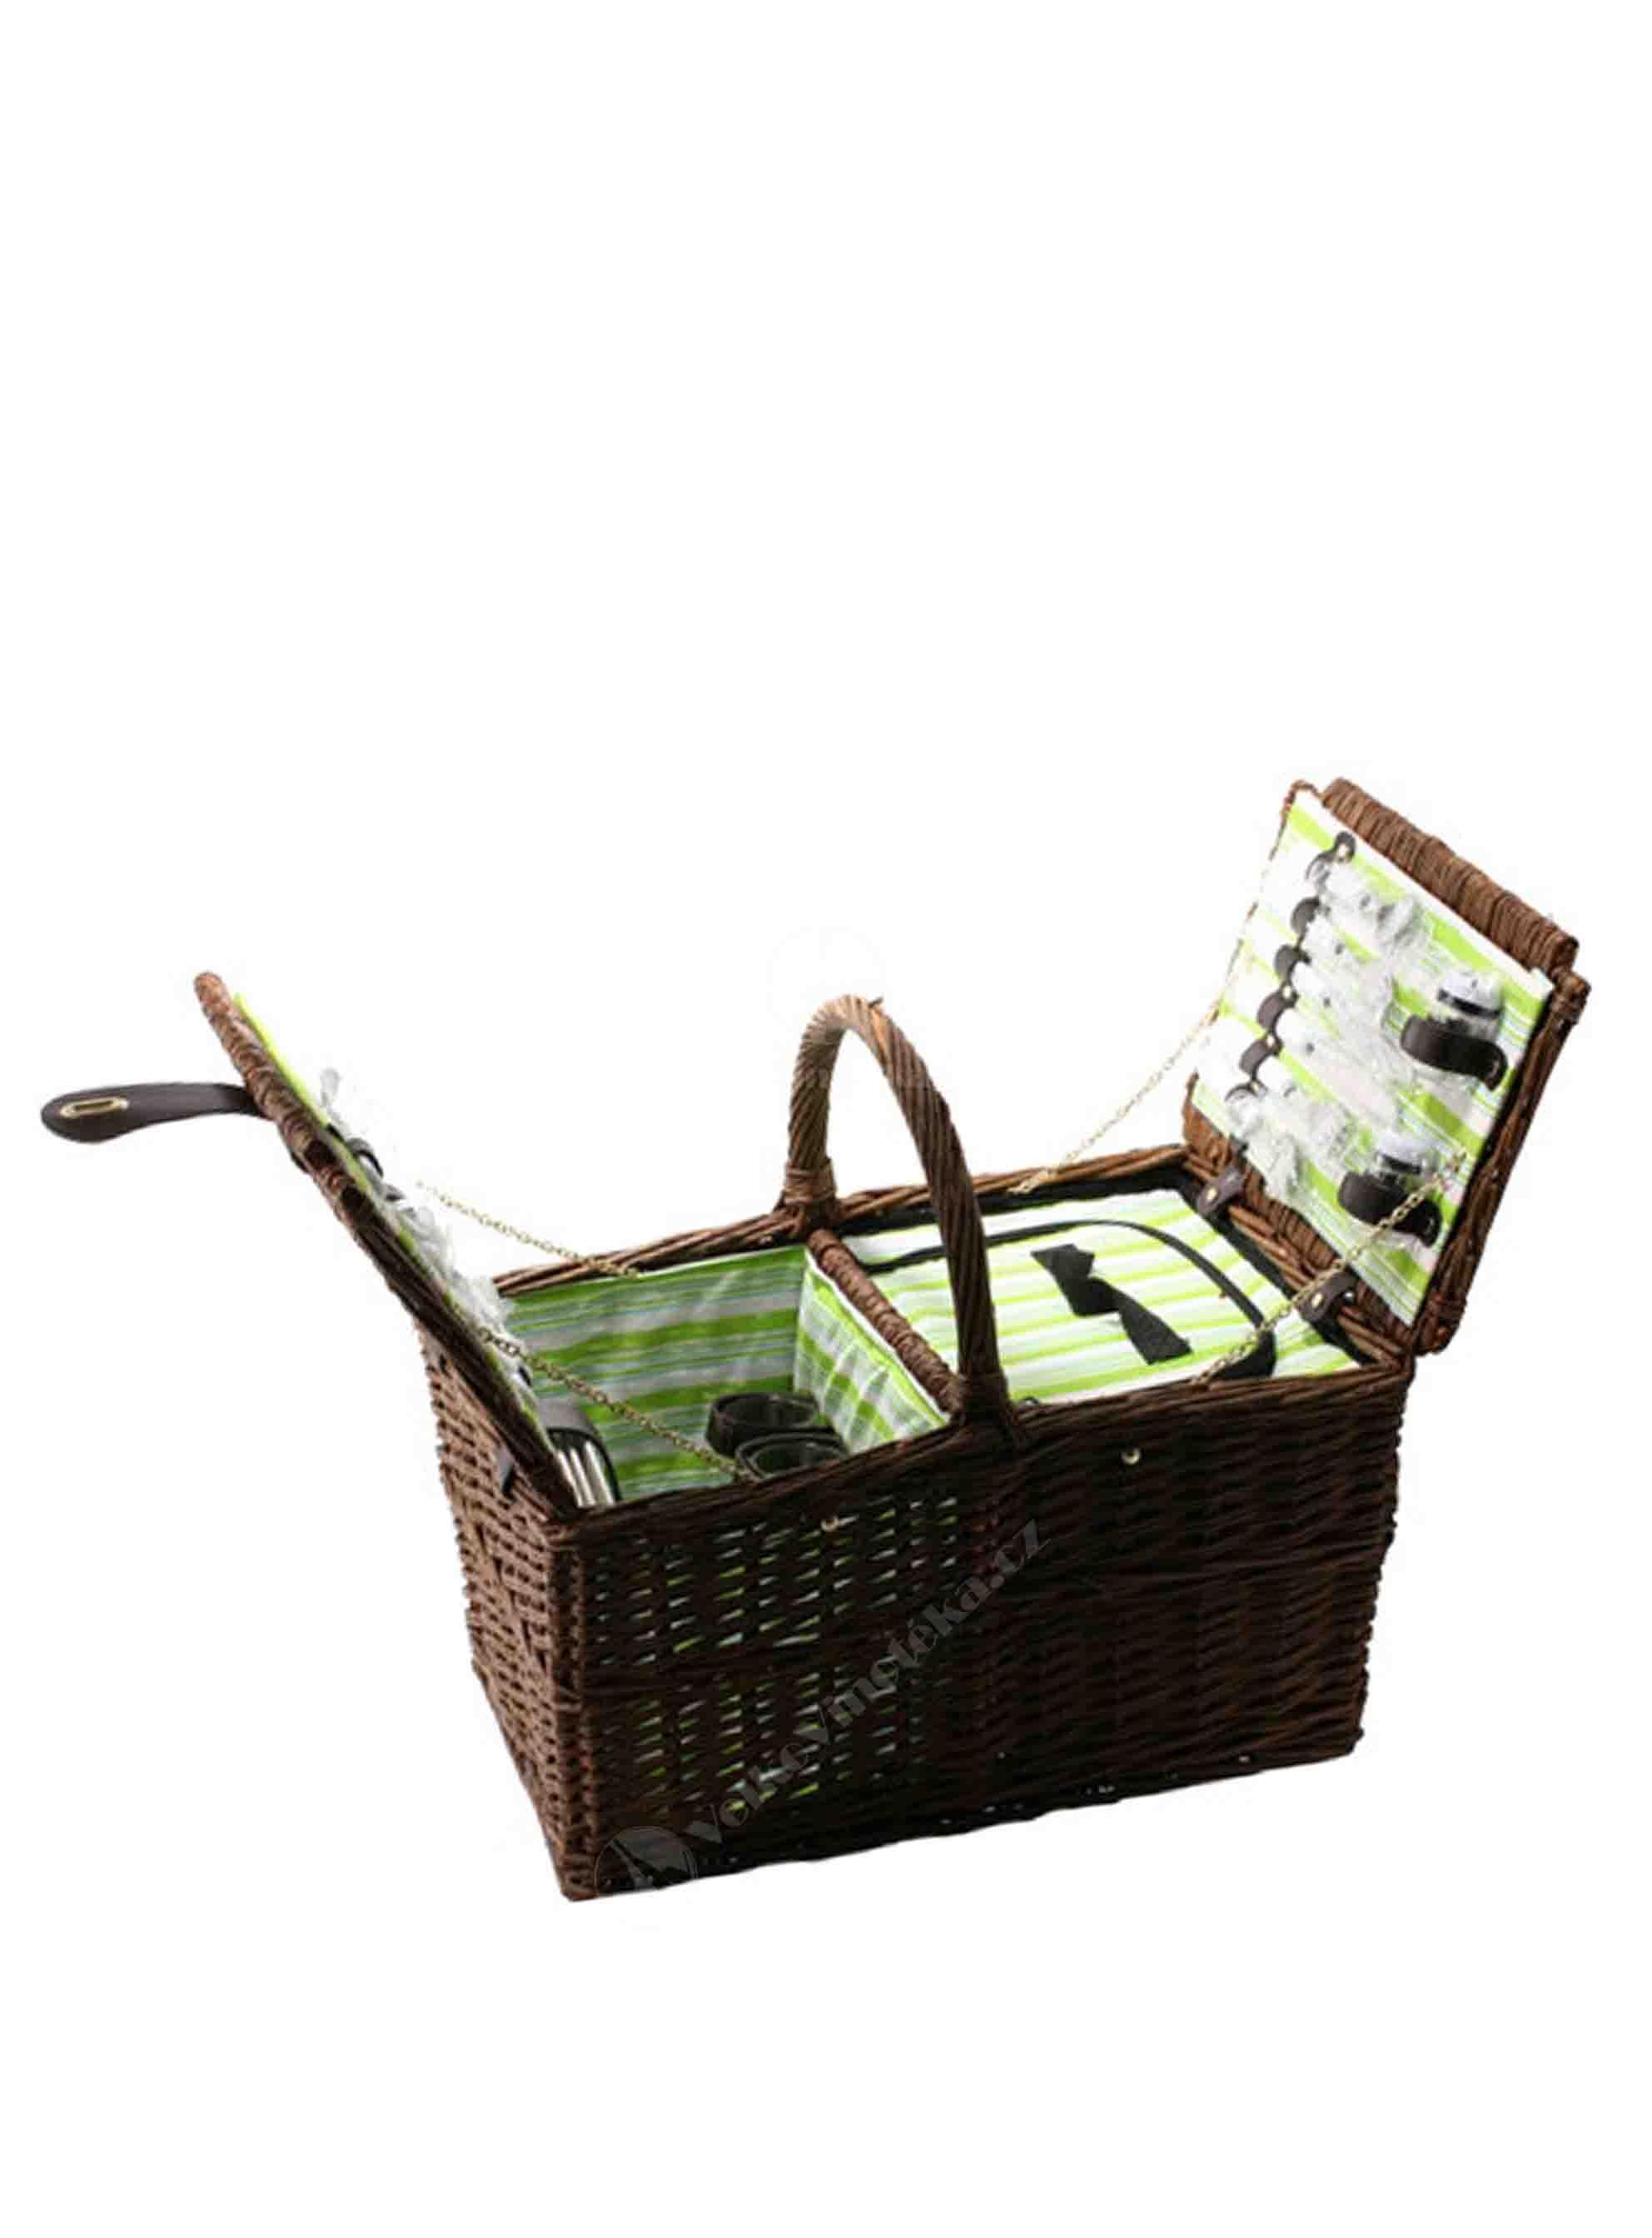 Piknikový proutěný koš pro 4 osoby - hranatý - 1ks